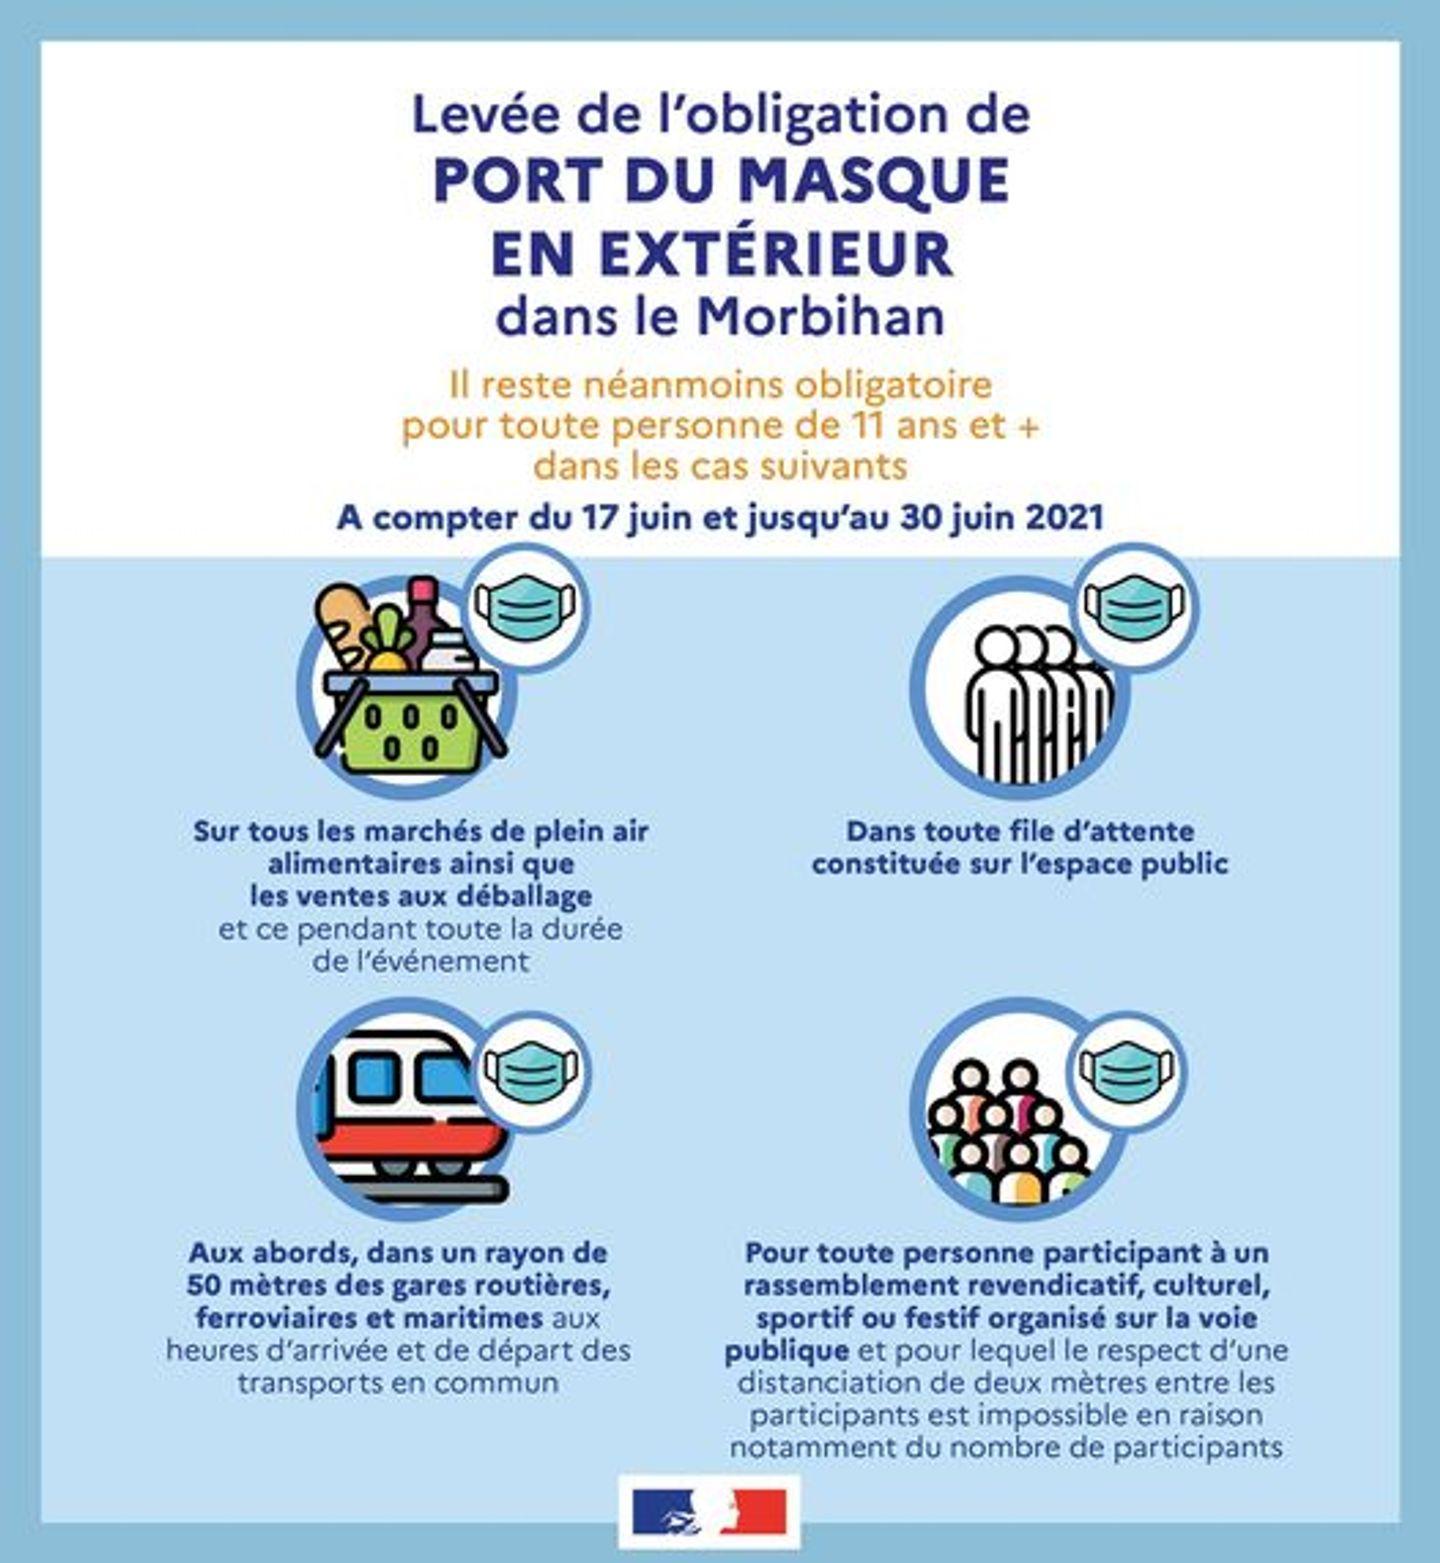 Arrêté préfectoral du Morbihan